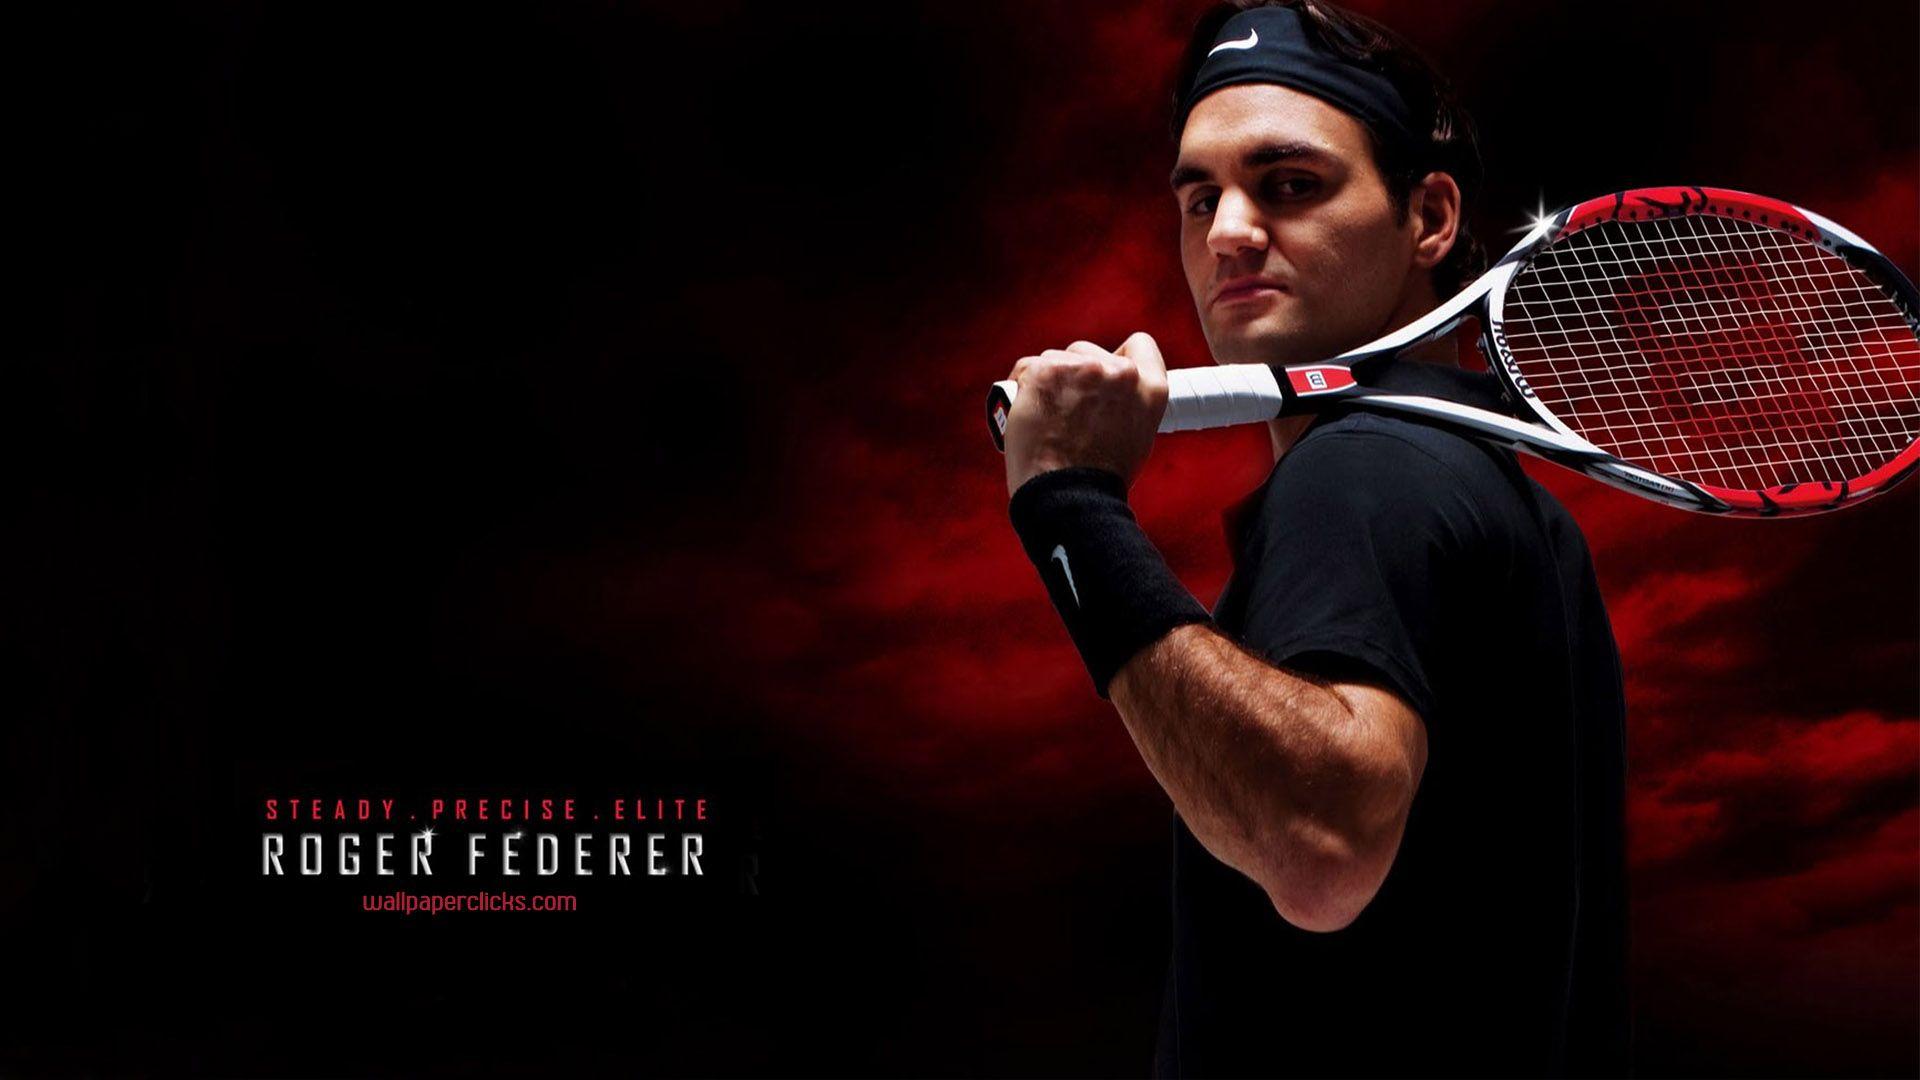 Roger Federer Roger Federer Rogers Sports Pictures